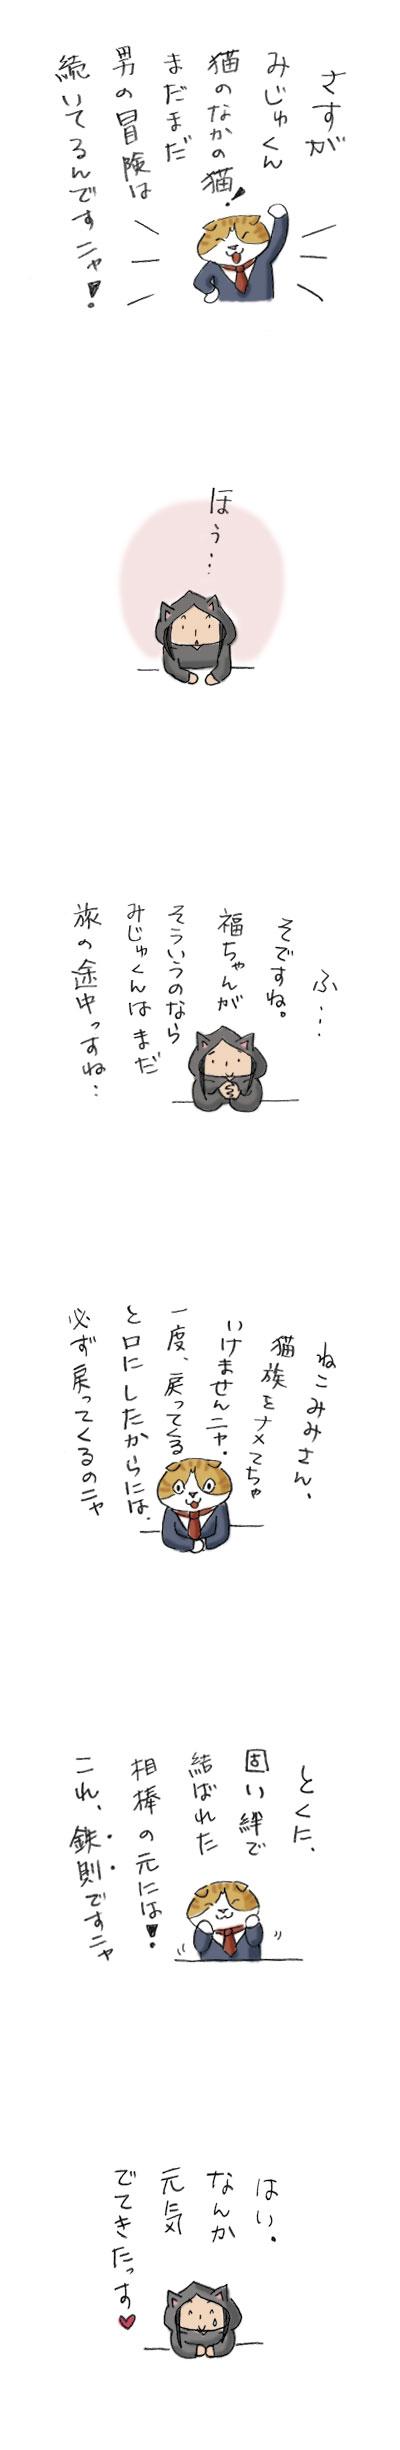 あけおめ12